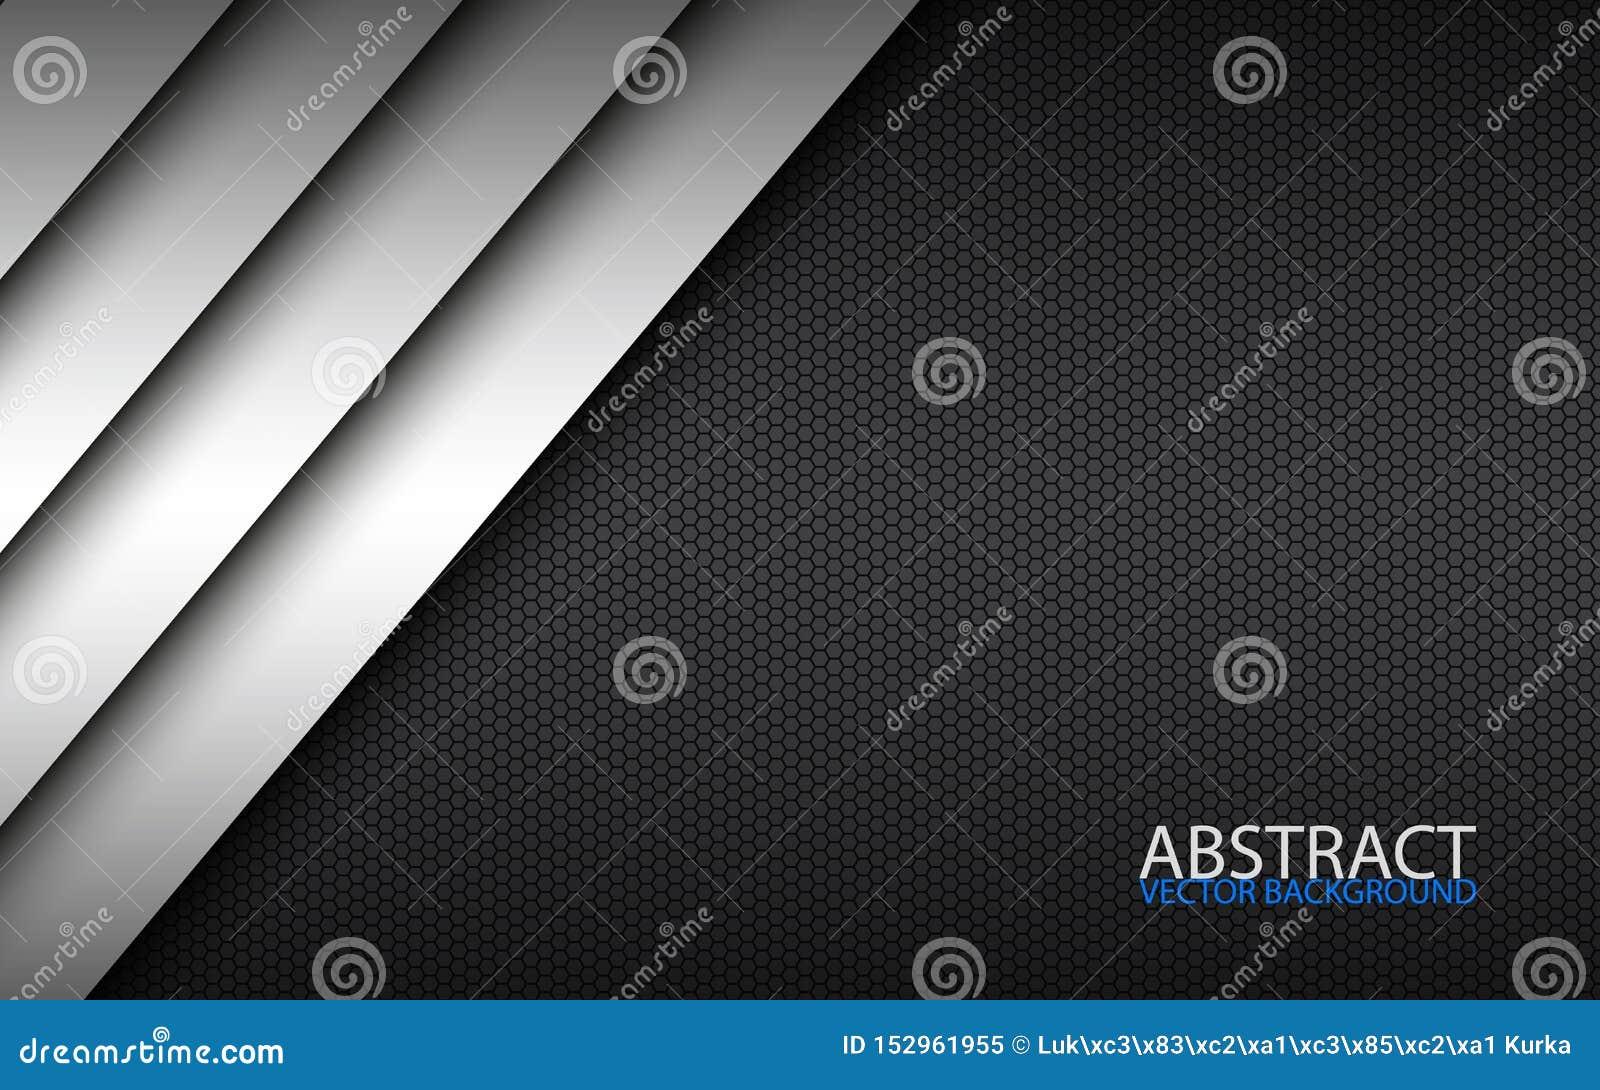 Zwart-wit modern materieel ontwerp met een hexagonaal patroon, collectief malplaatje voor uw zaken